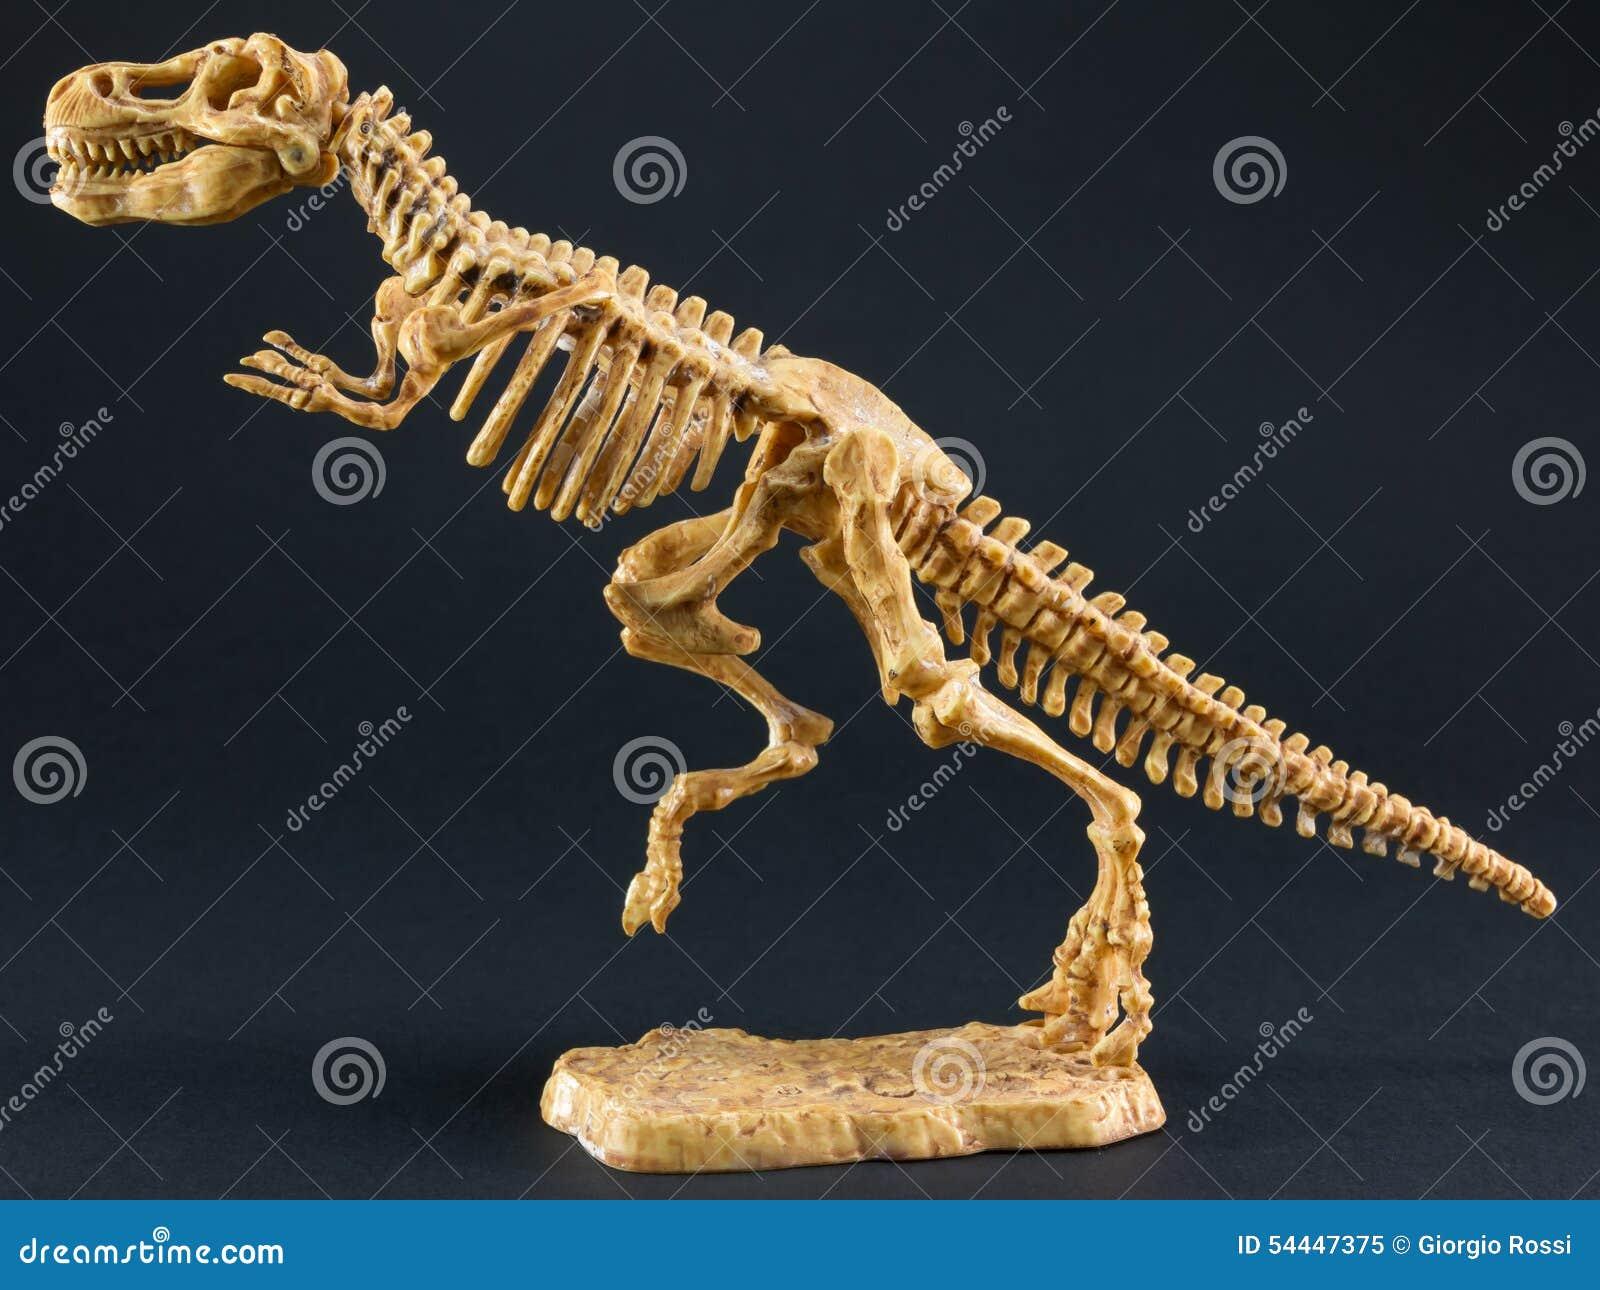 skelett des dinosauriertyrannosaurus t rex auf schwarzem